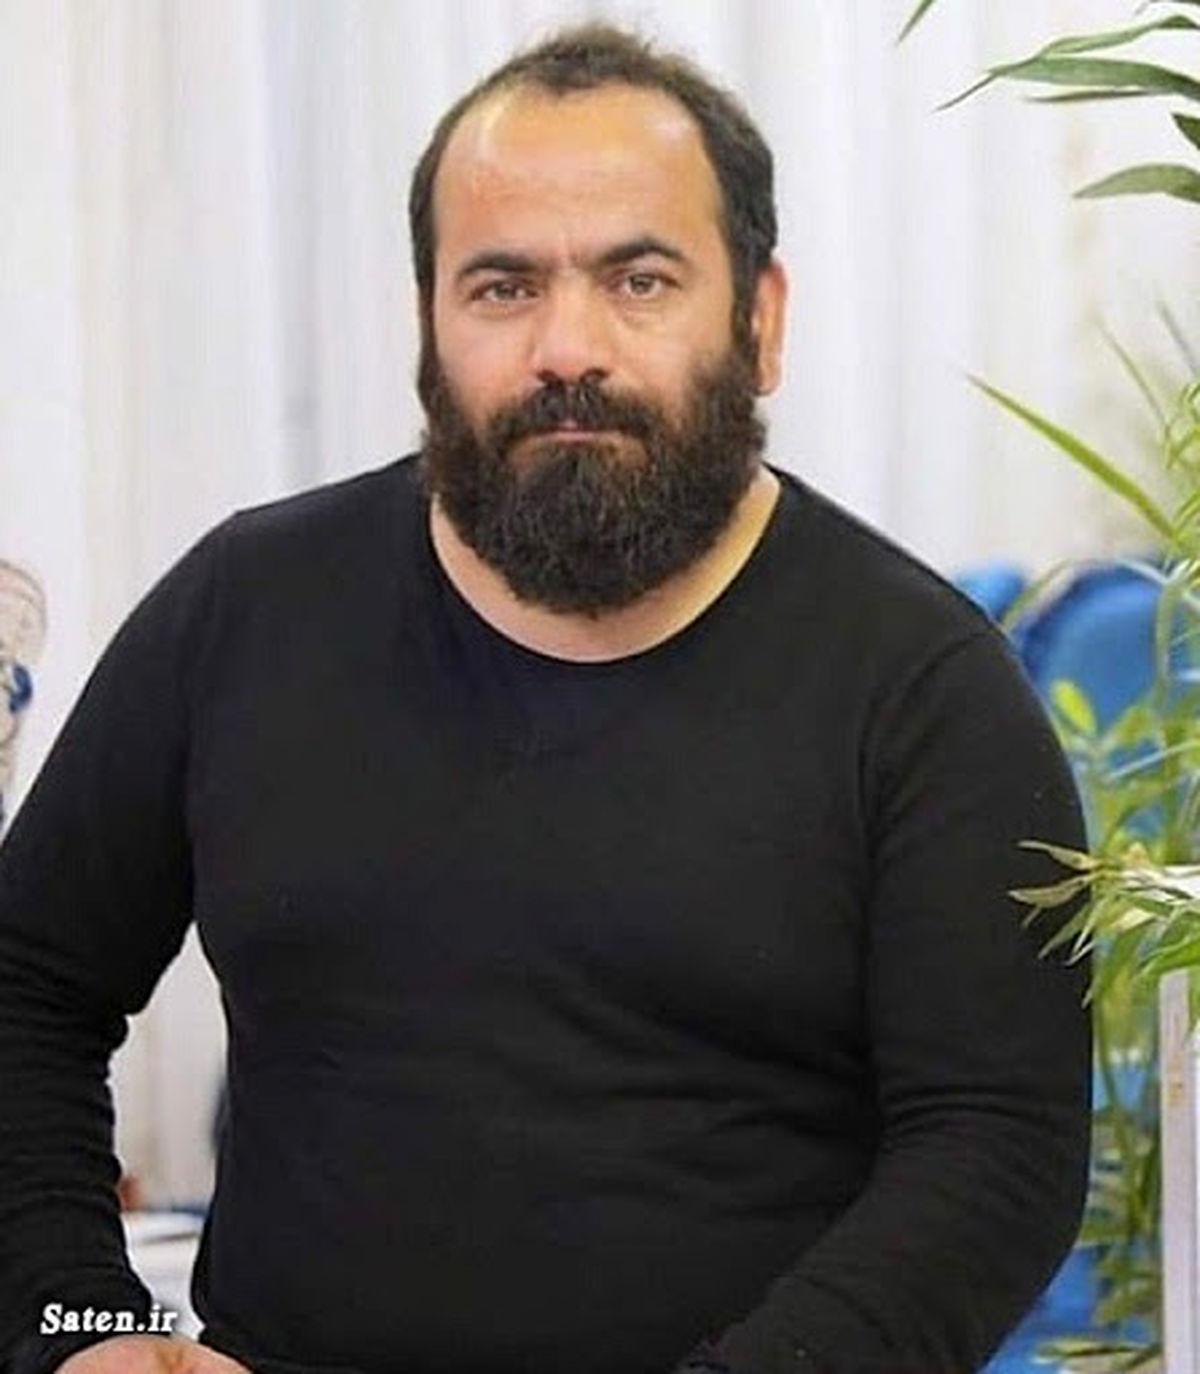 شلوارک حسن آقامیری سوژه صدا و سیما شد + فیلم و عکس